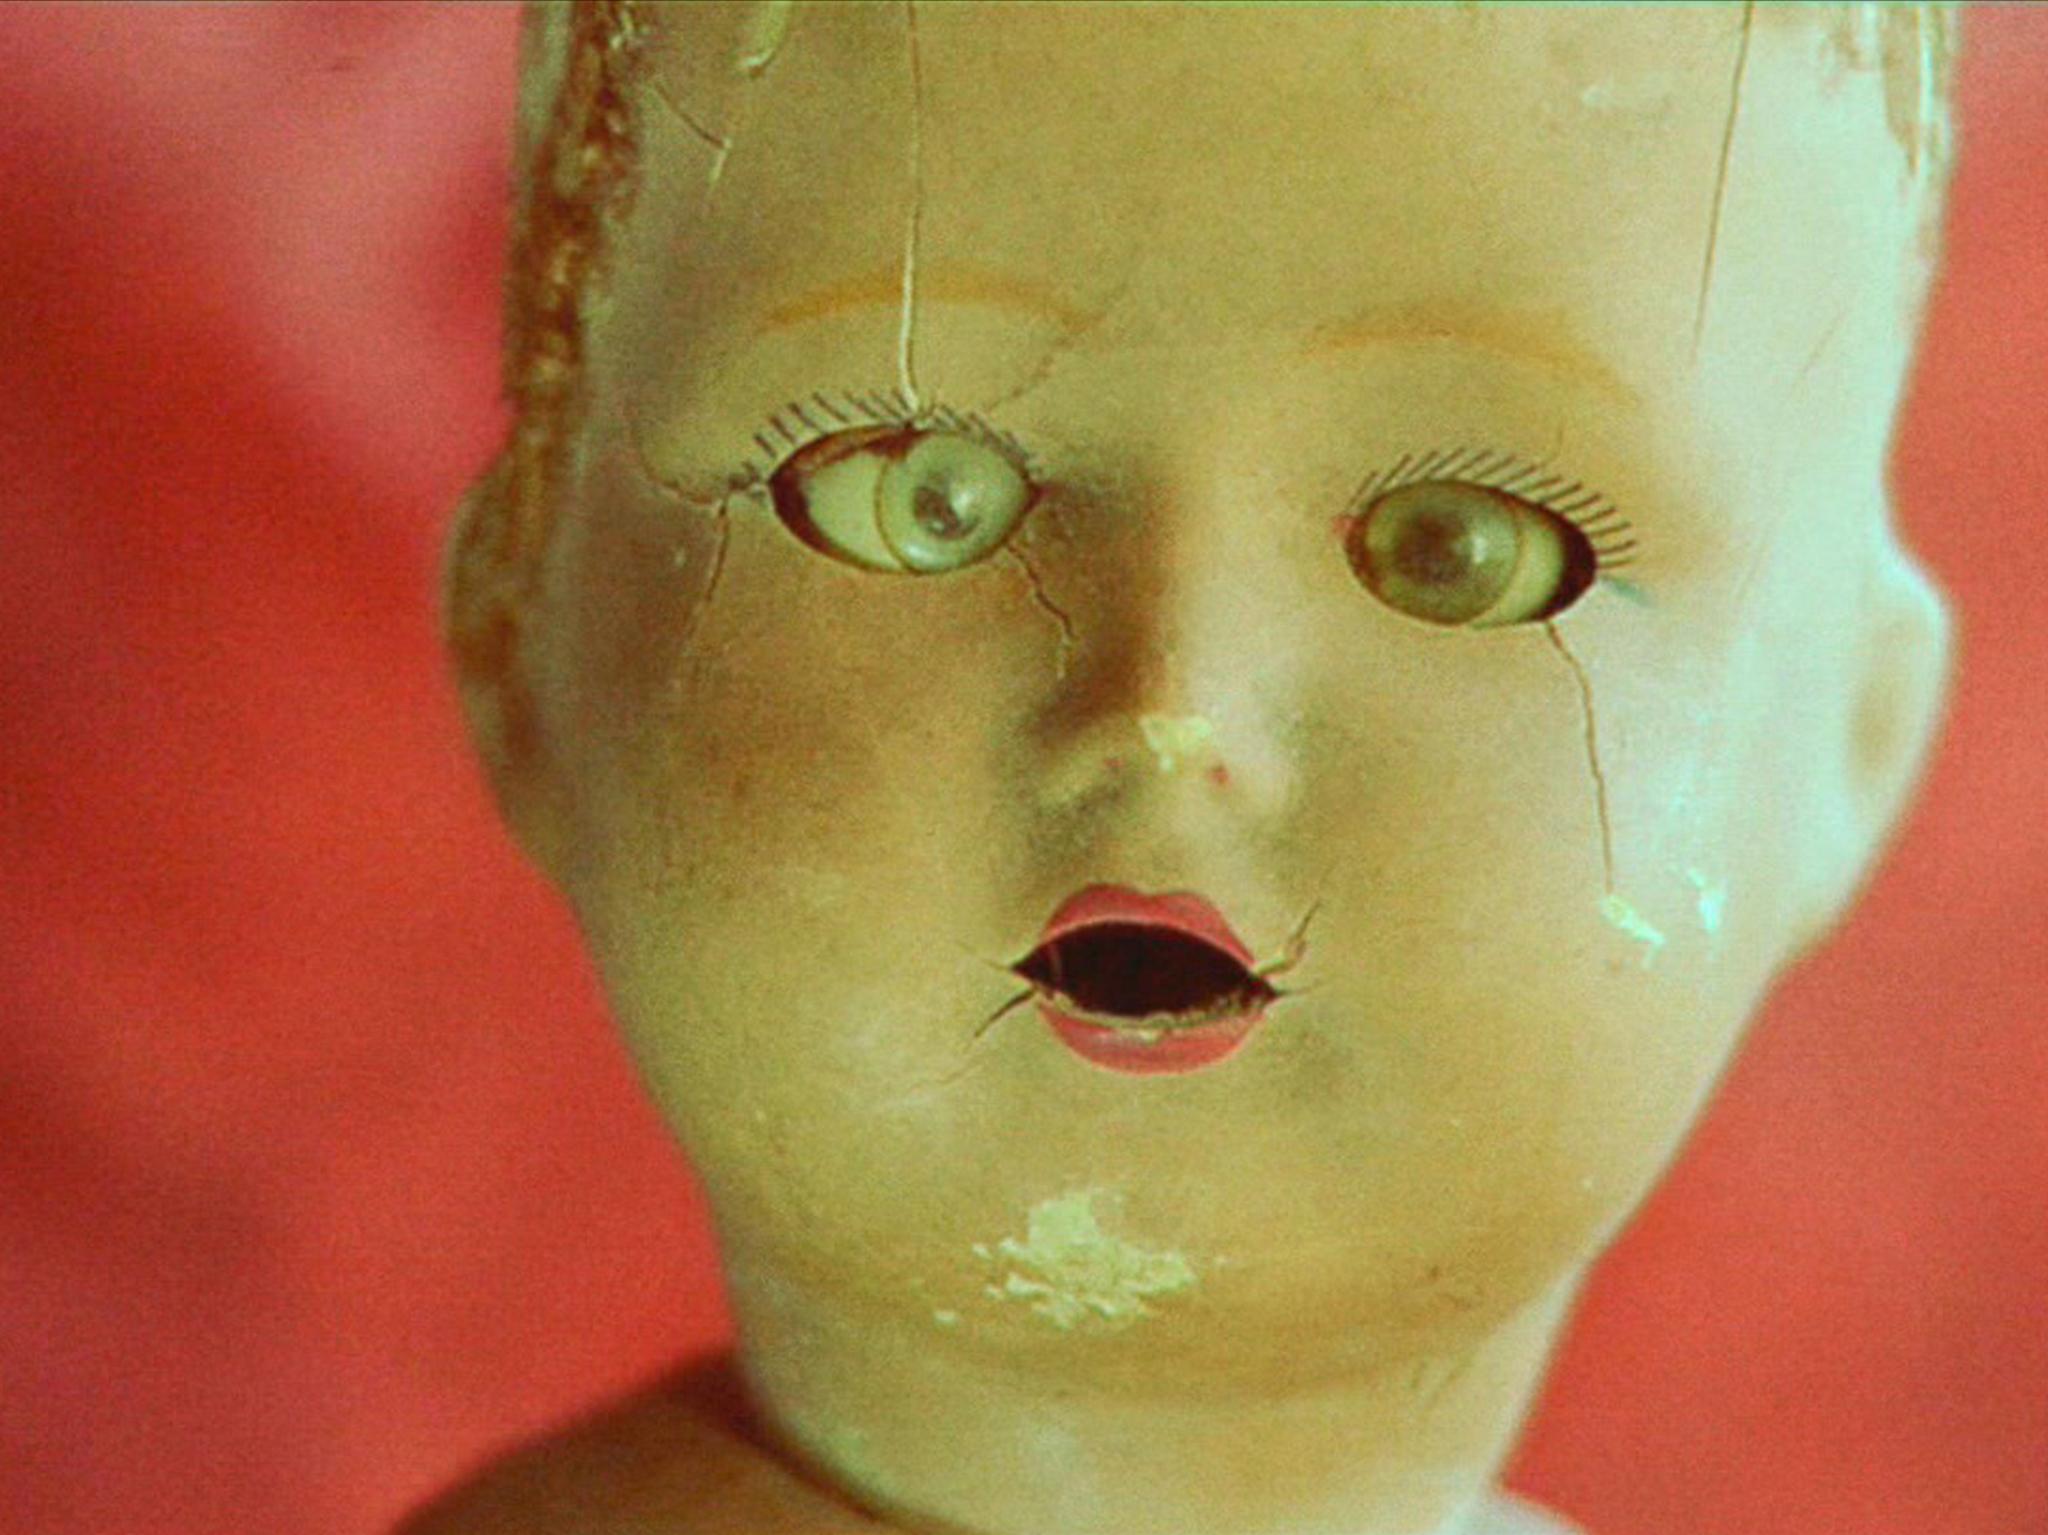 Sonno Profondo, película del director italiano Luciano Onetti